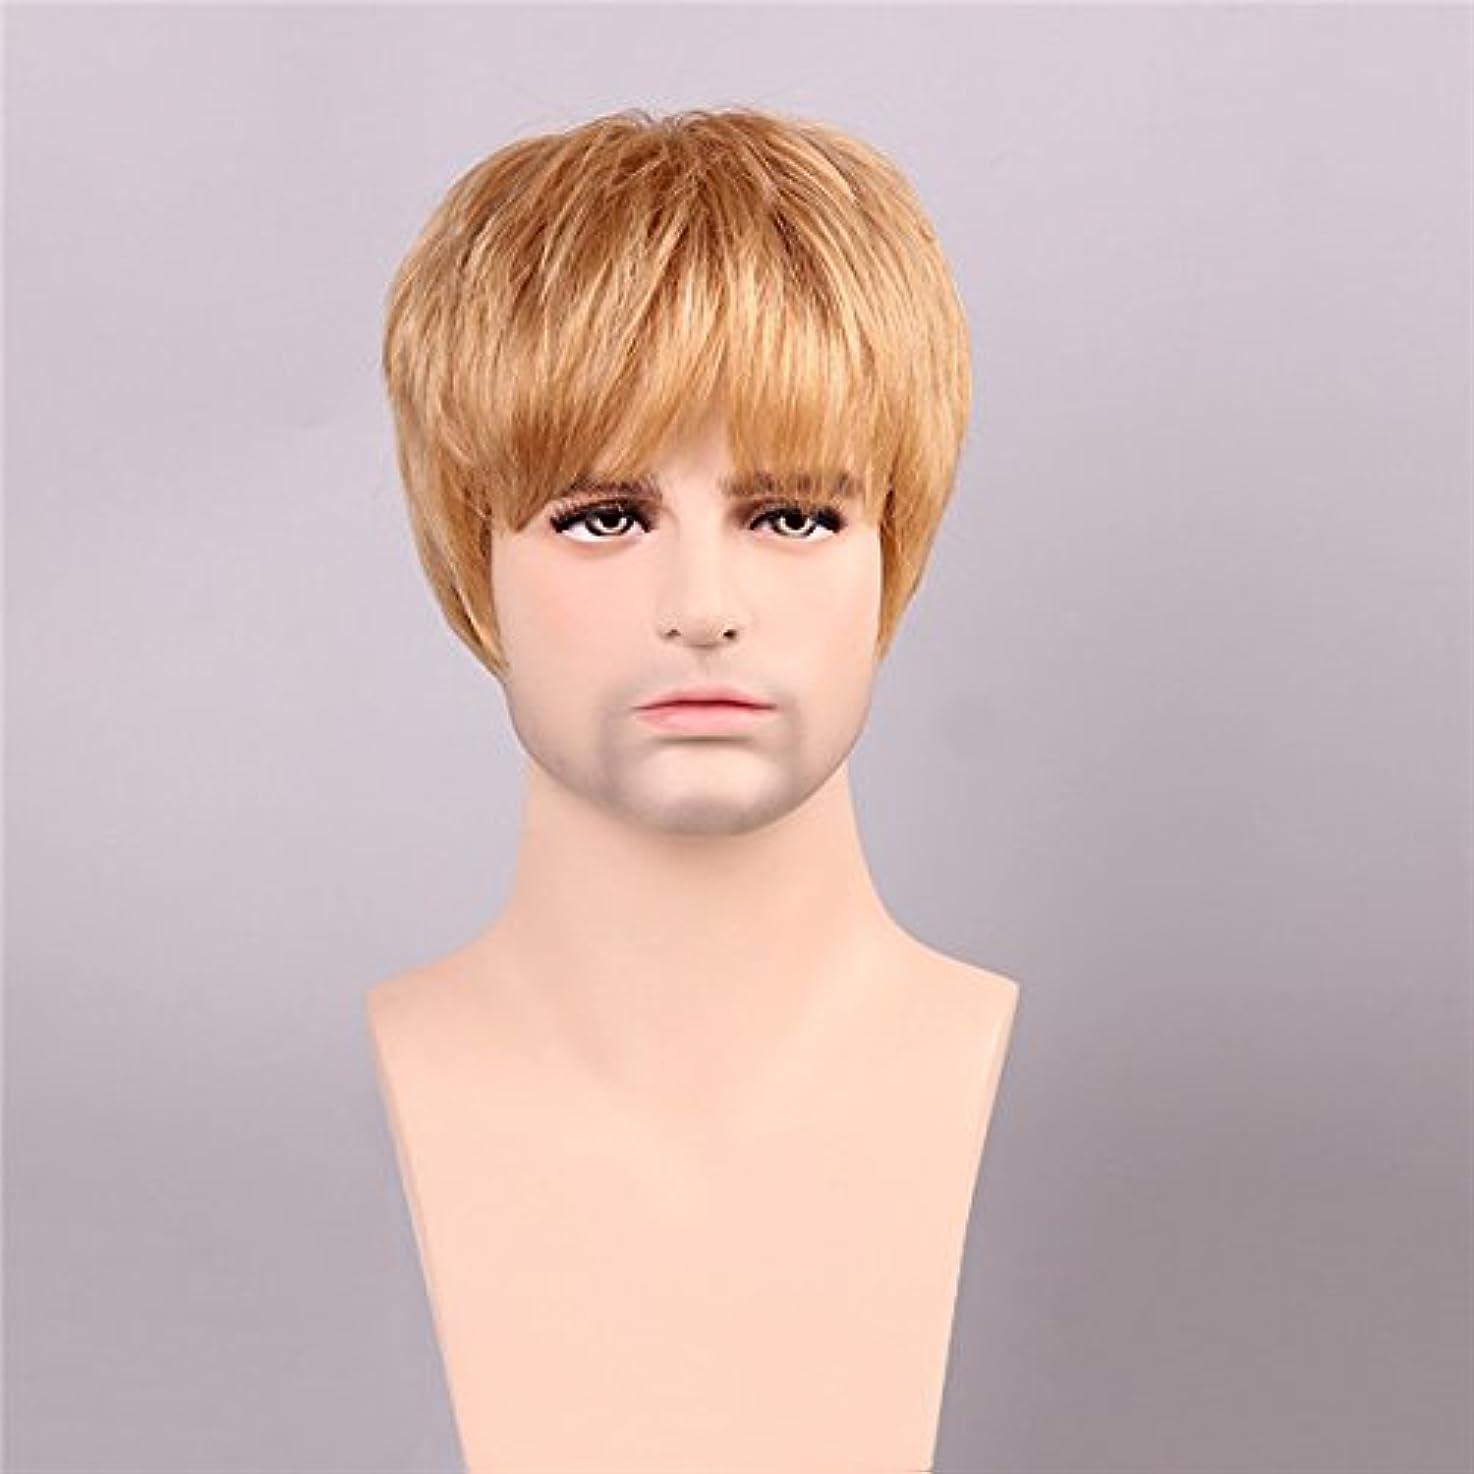 好意アッパー社会主義YZUEYT 男性の人間の髪のウィッグゴールデンブラウンブロンドショートモノラルトップ男性男性レミーCapless YZUEYT (Size : One size)